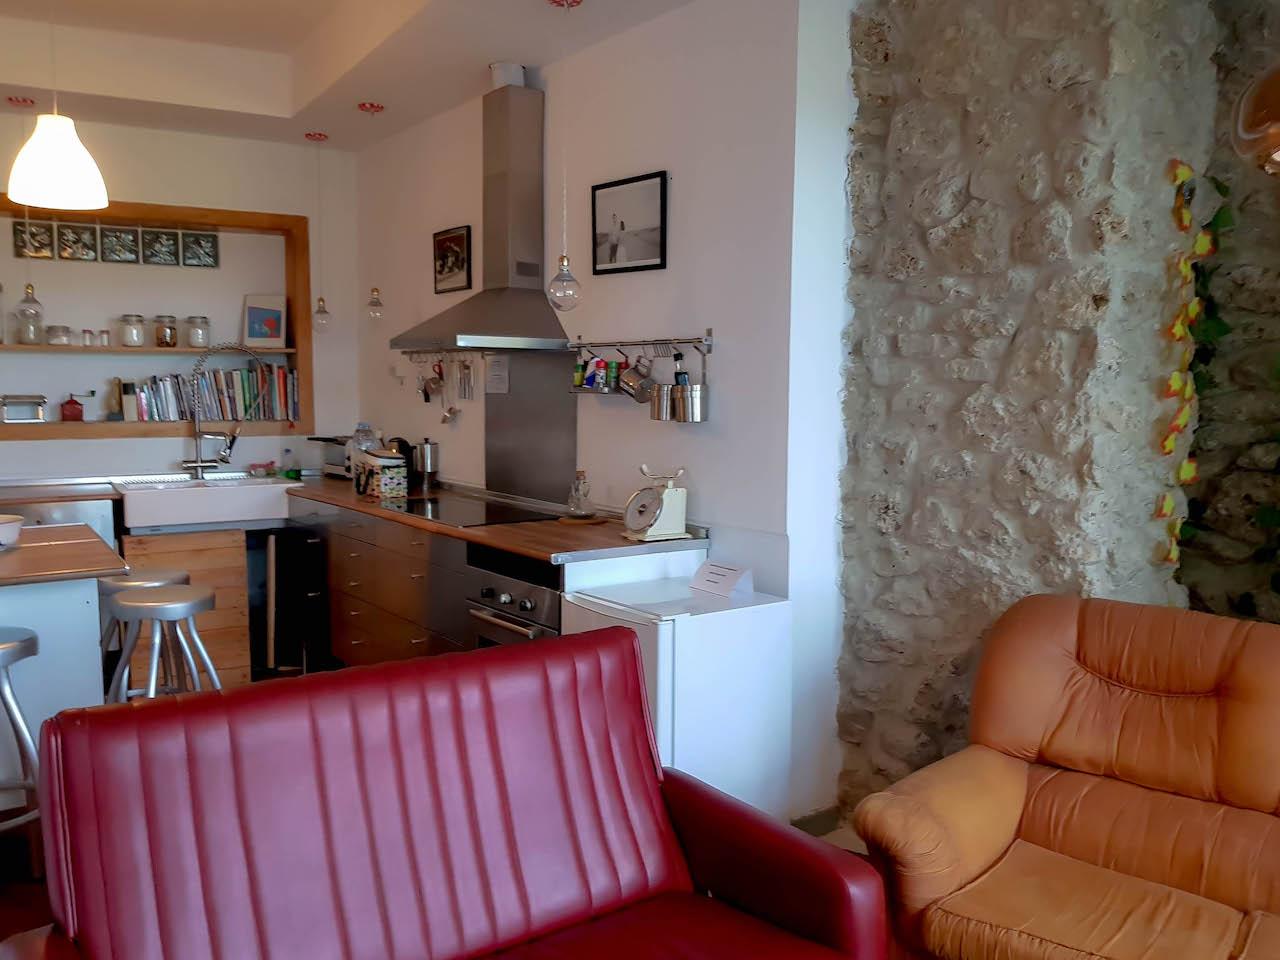 Unsere Airbnb Unterkunft in Ronda.